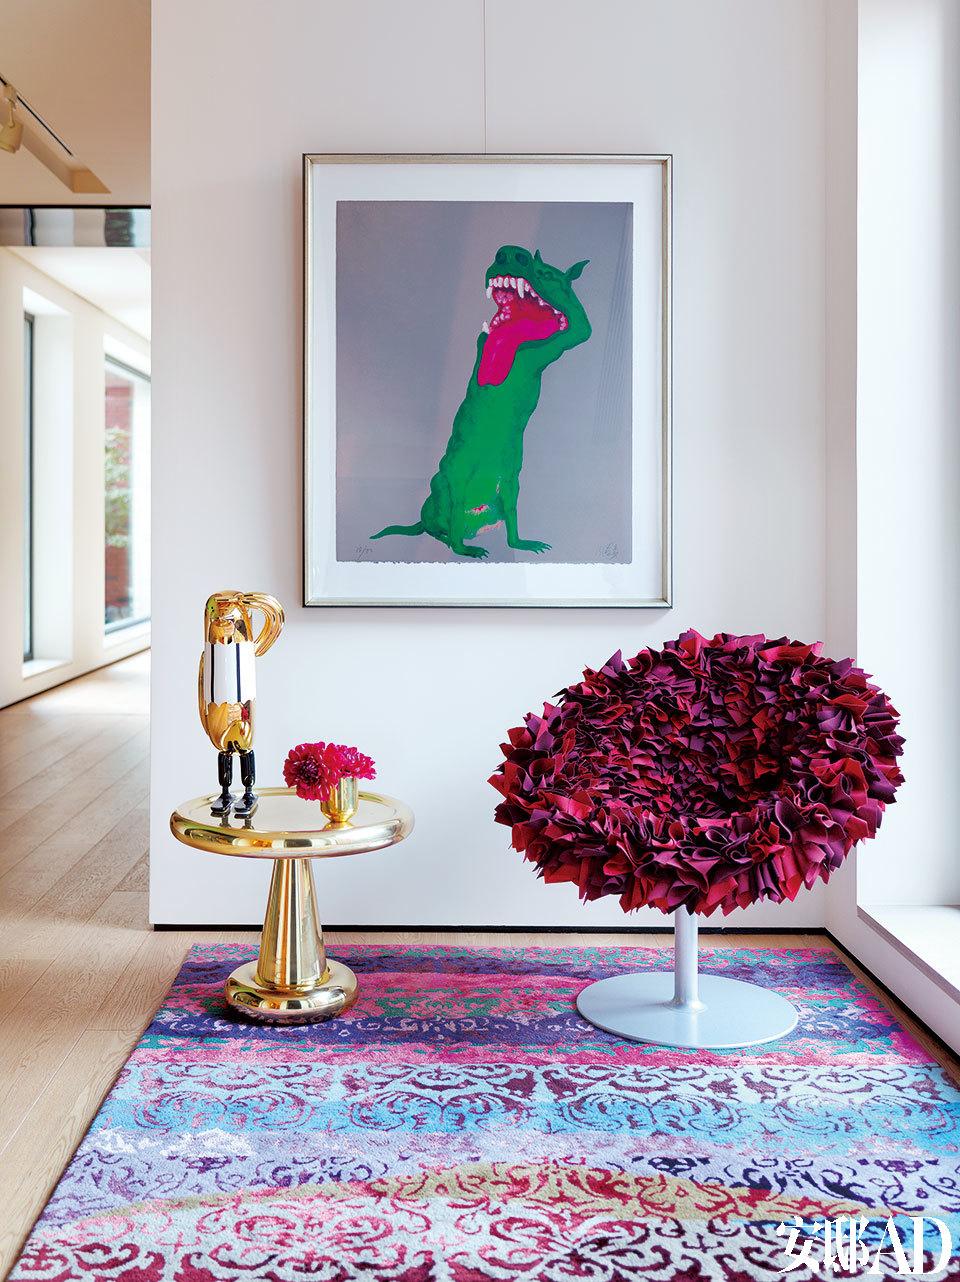 过廊一角的小空间也充满了艺术气息。墙上的艺术品是周春芽的《绿狗》。红色座椅是Moroso的产品,金色小边桌是Tom Dixon的设计,二者均来自家天地。便桌上的金色摆件是Jaime Hayon为BOSA设计的系列,来自连卡佛。每个空间都运用了落地玻璃窗的设计, 窗外风景与墙上的艺术品交相辉映,动静相宜。